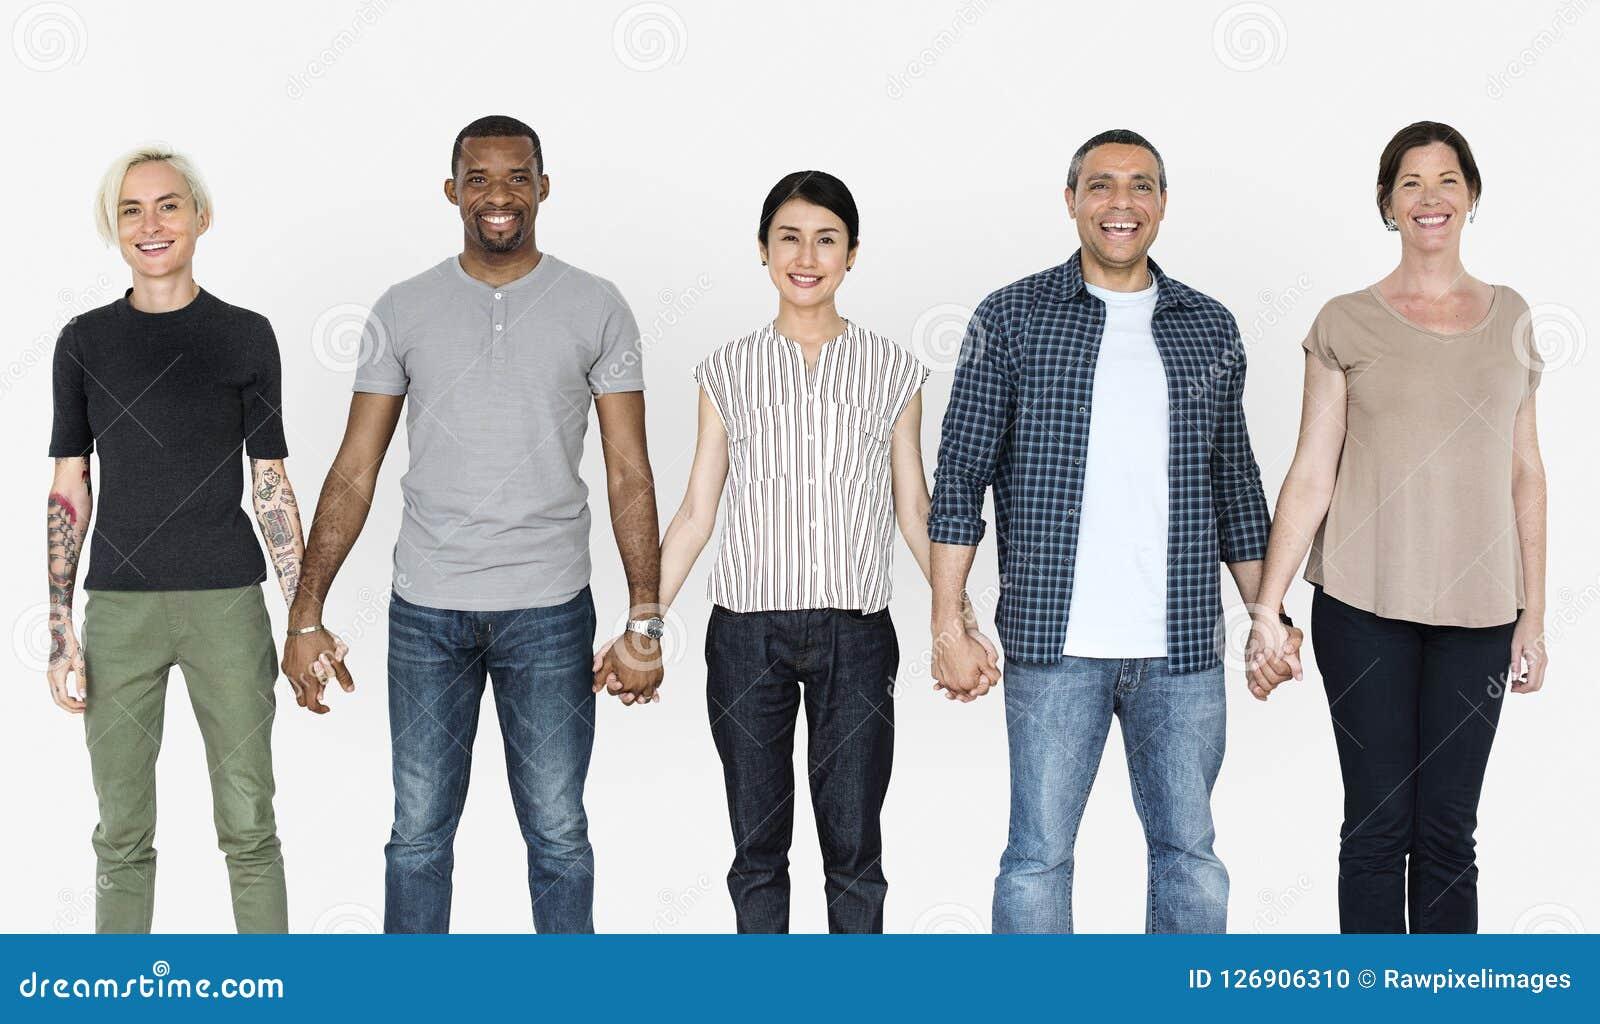 Gelukkige diverse mensen die handen samen houden